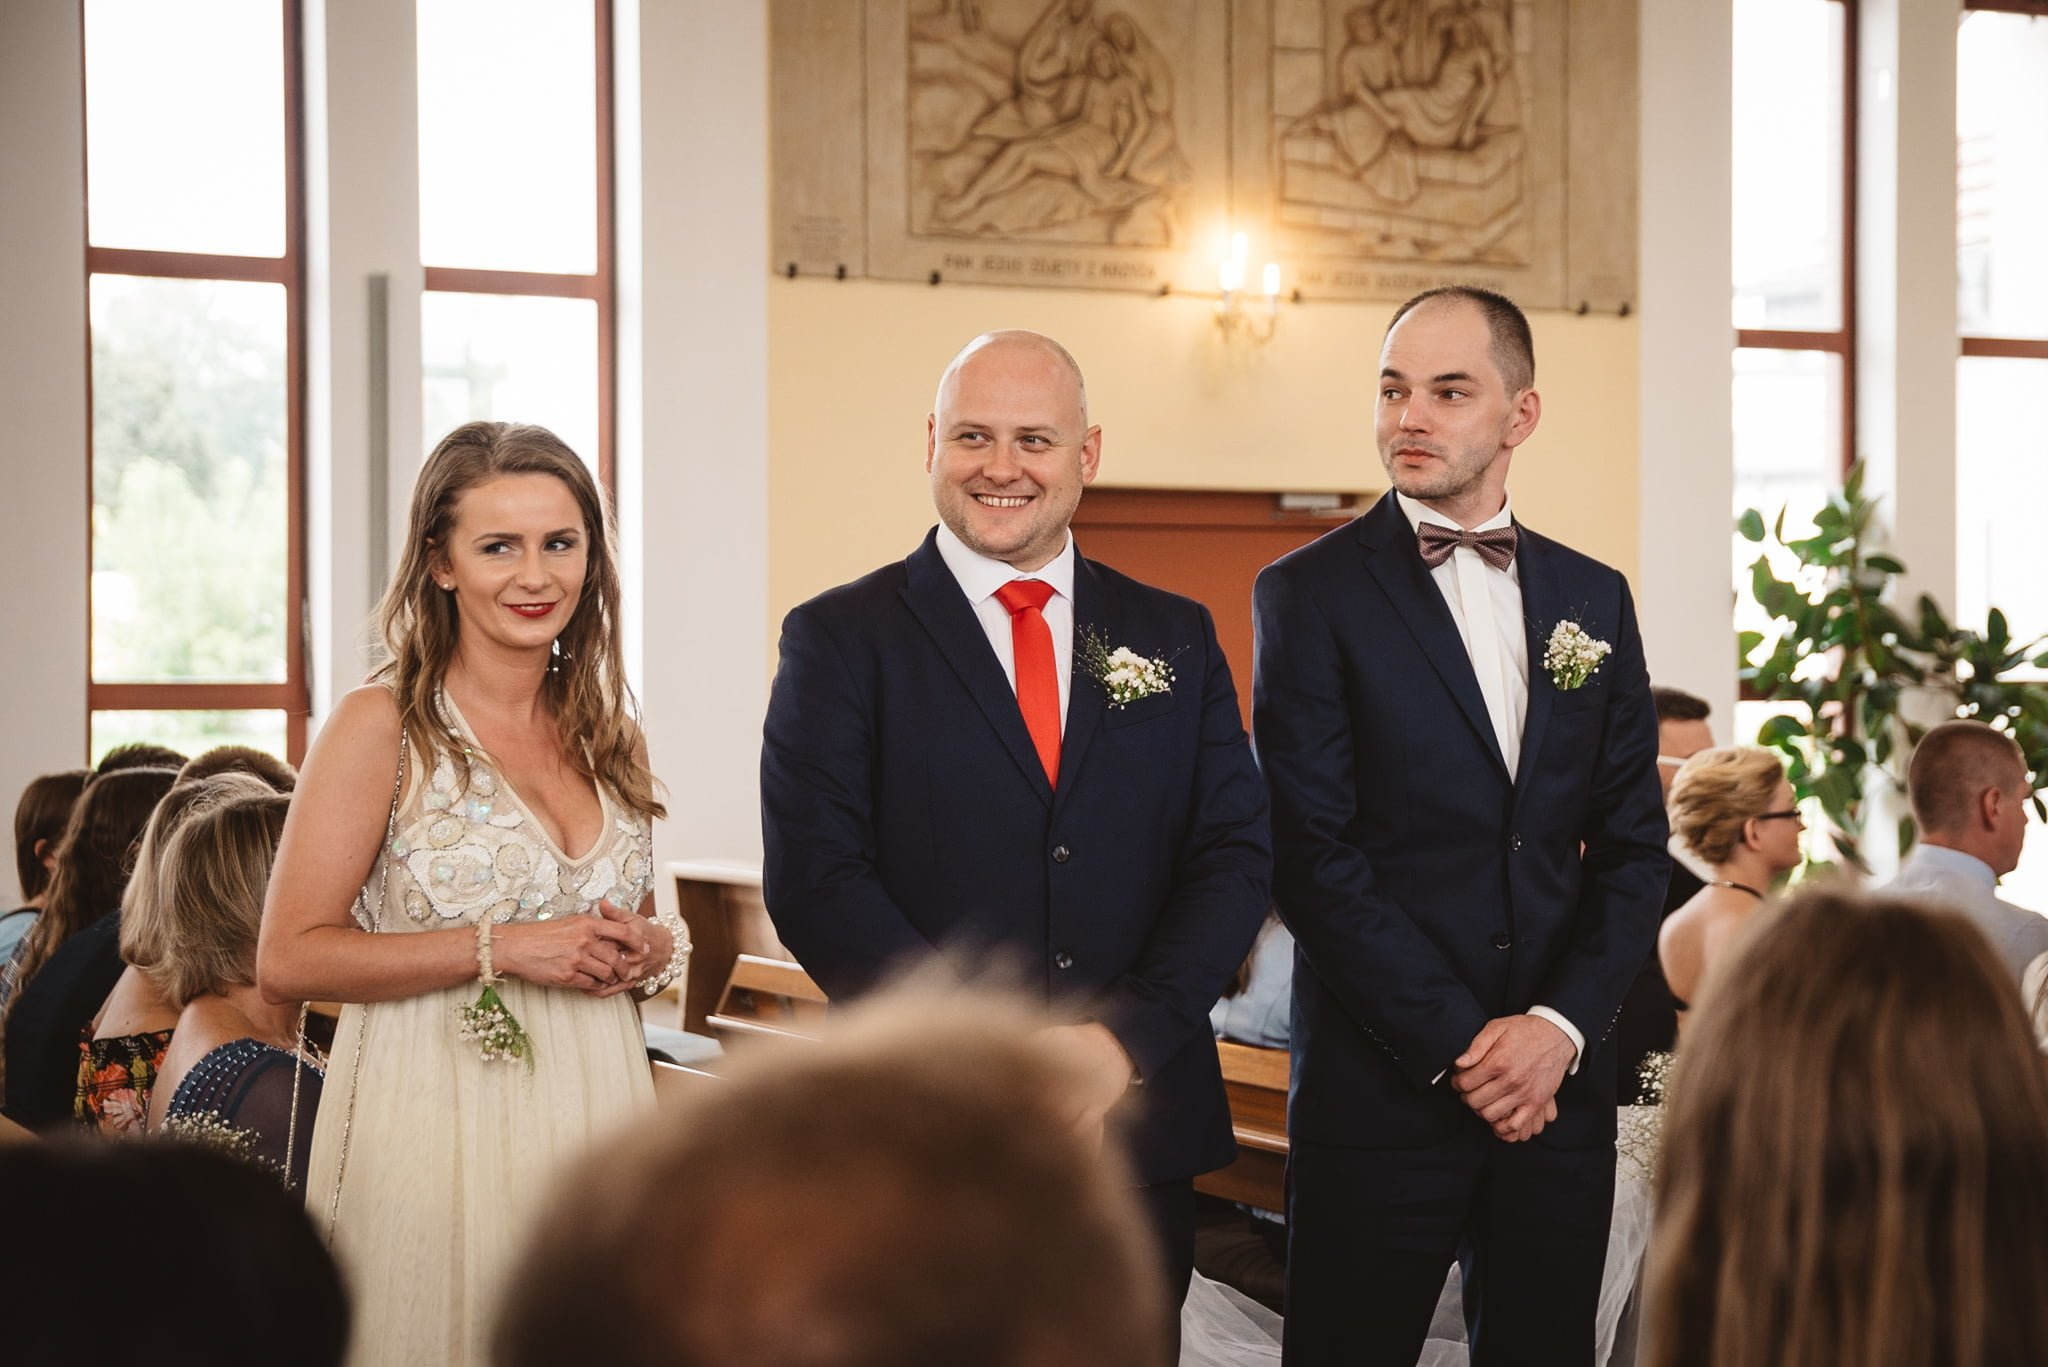 Ala i Arek, czyli jak zorganizować ślub i wesele w 4 tygodnie! 67